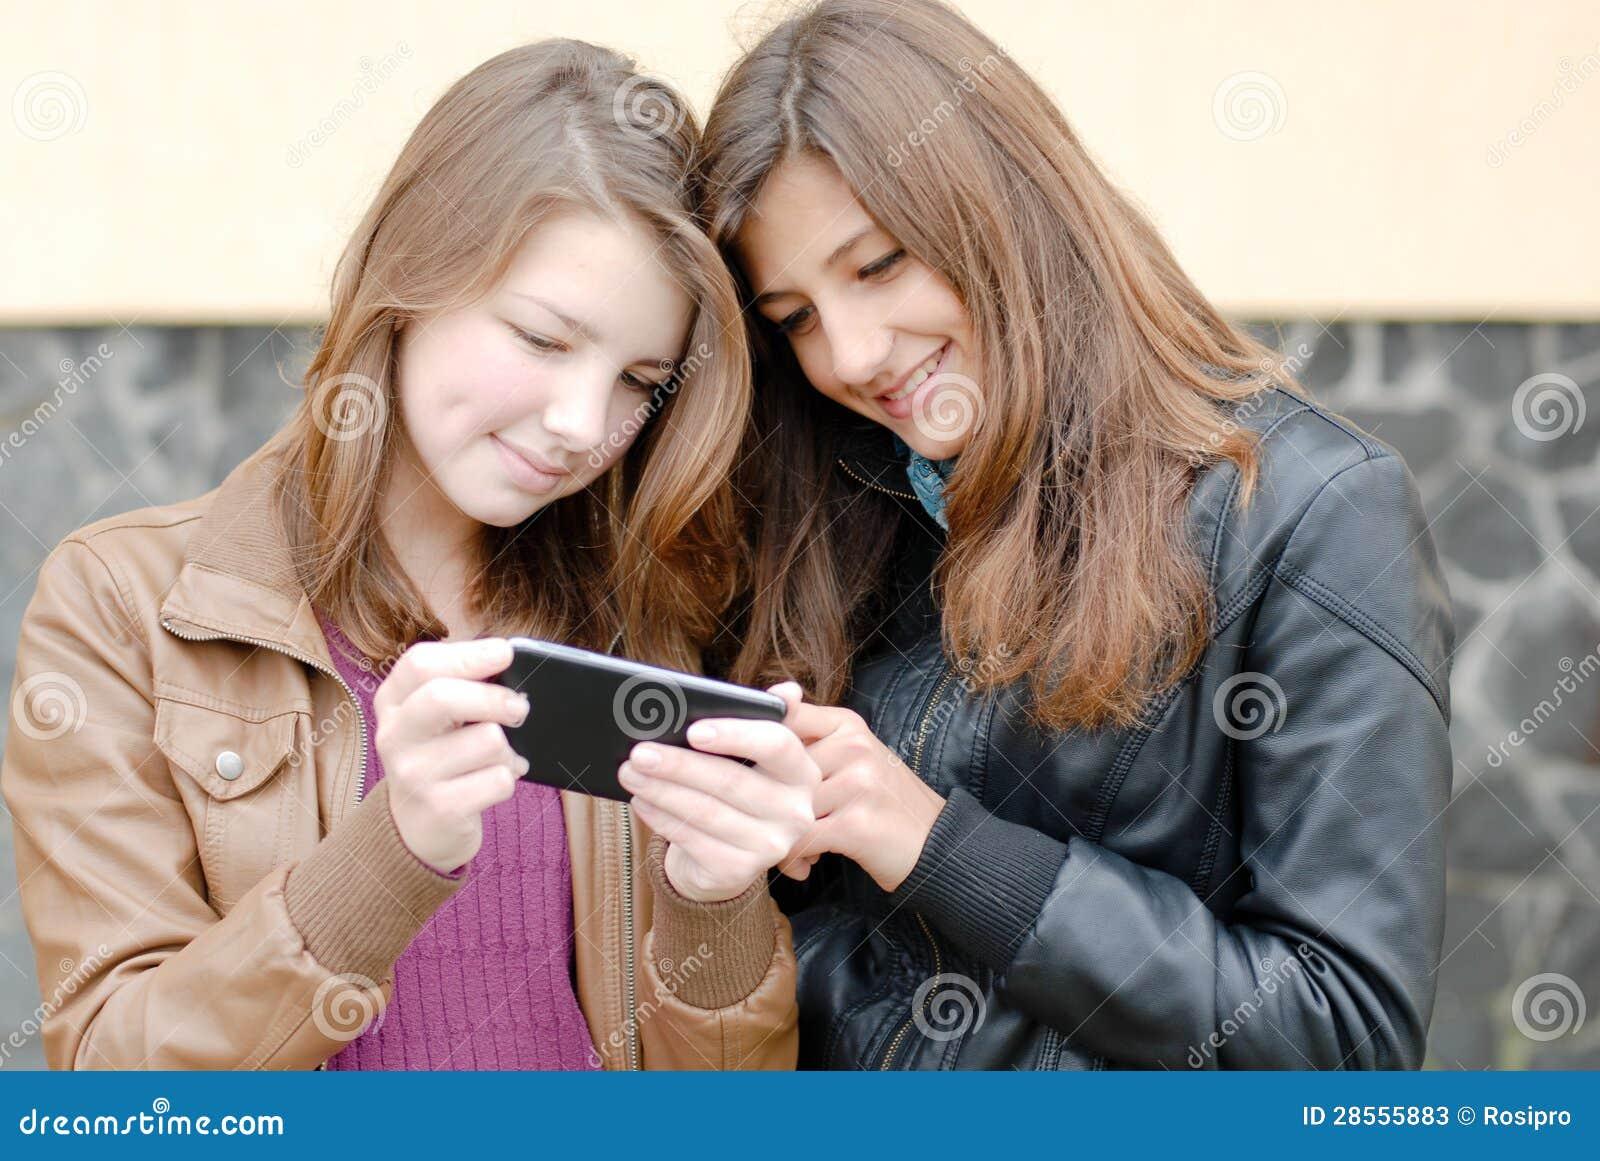 1f8abf8ff79 Duas Meninas Adolescentes Que Olham No PC Da Tabuleta Imagem de ...